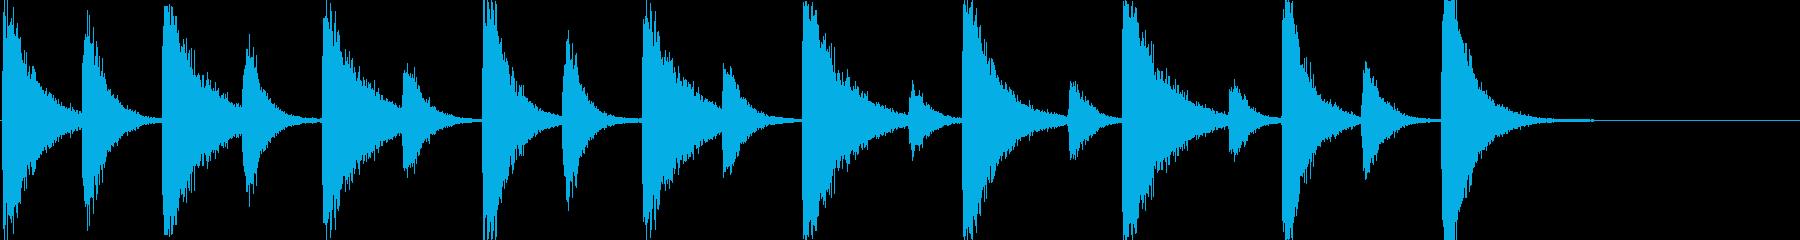 淀んでる 特徴的 ハイハットの再生済みの波形